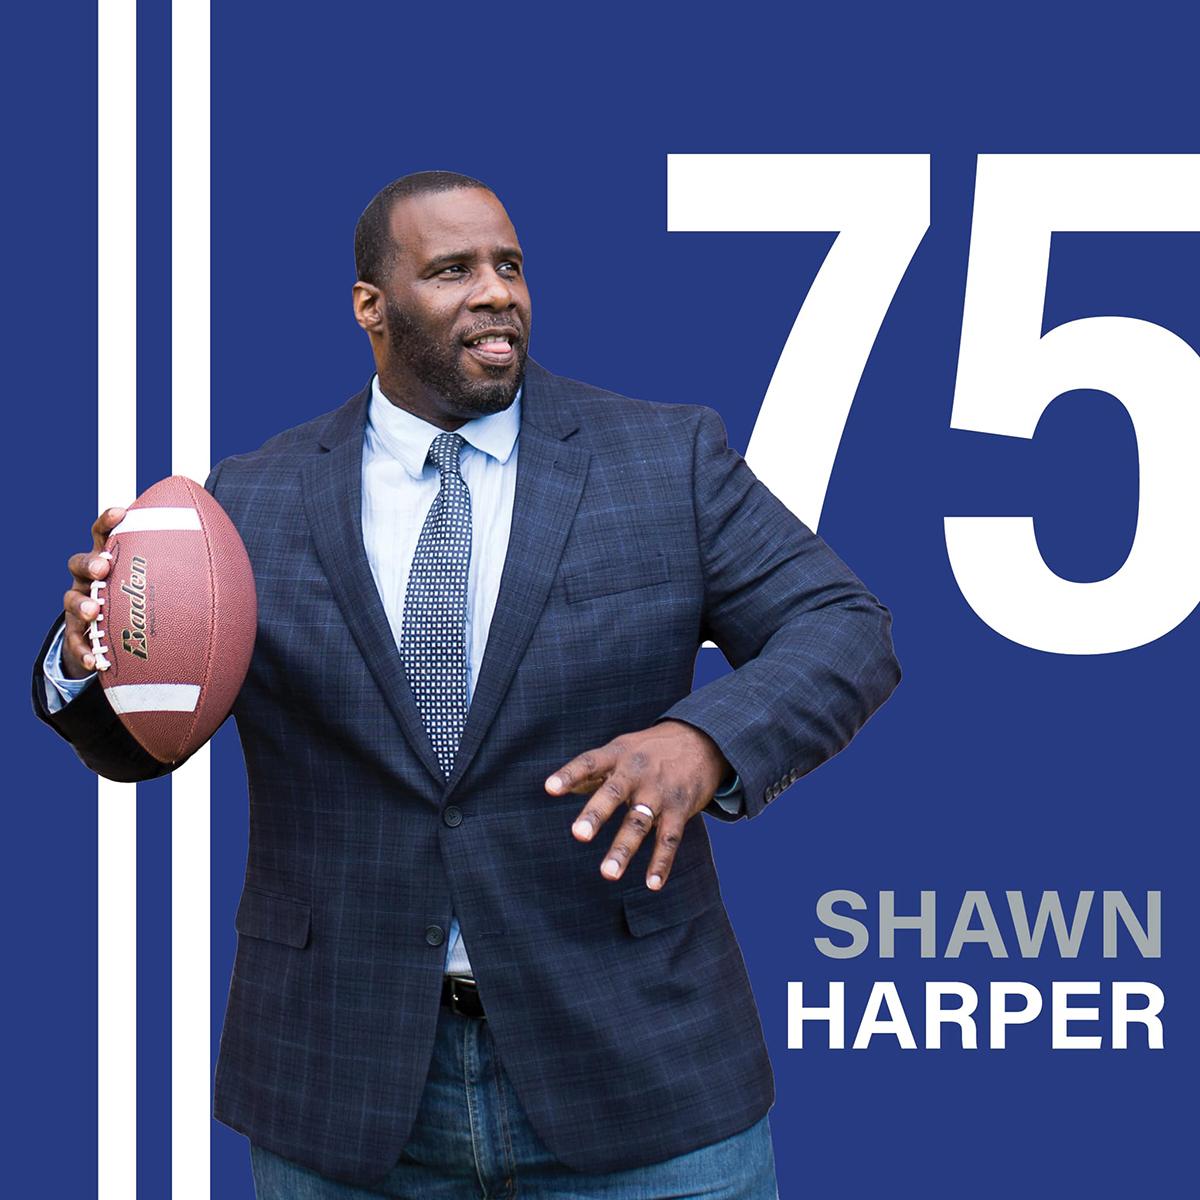 Shawn Harper, Former NFL Player To Speak At GNEX 2021 Conference